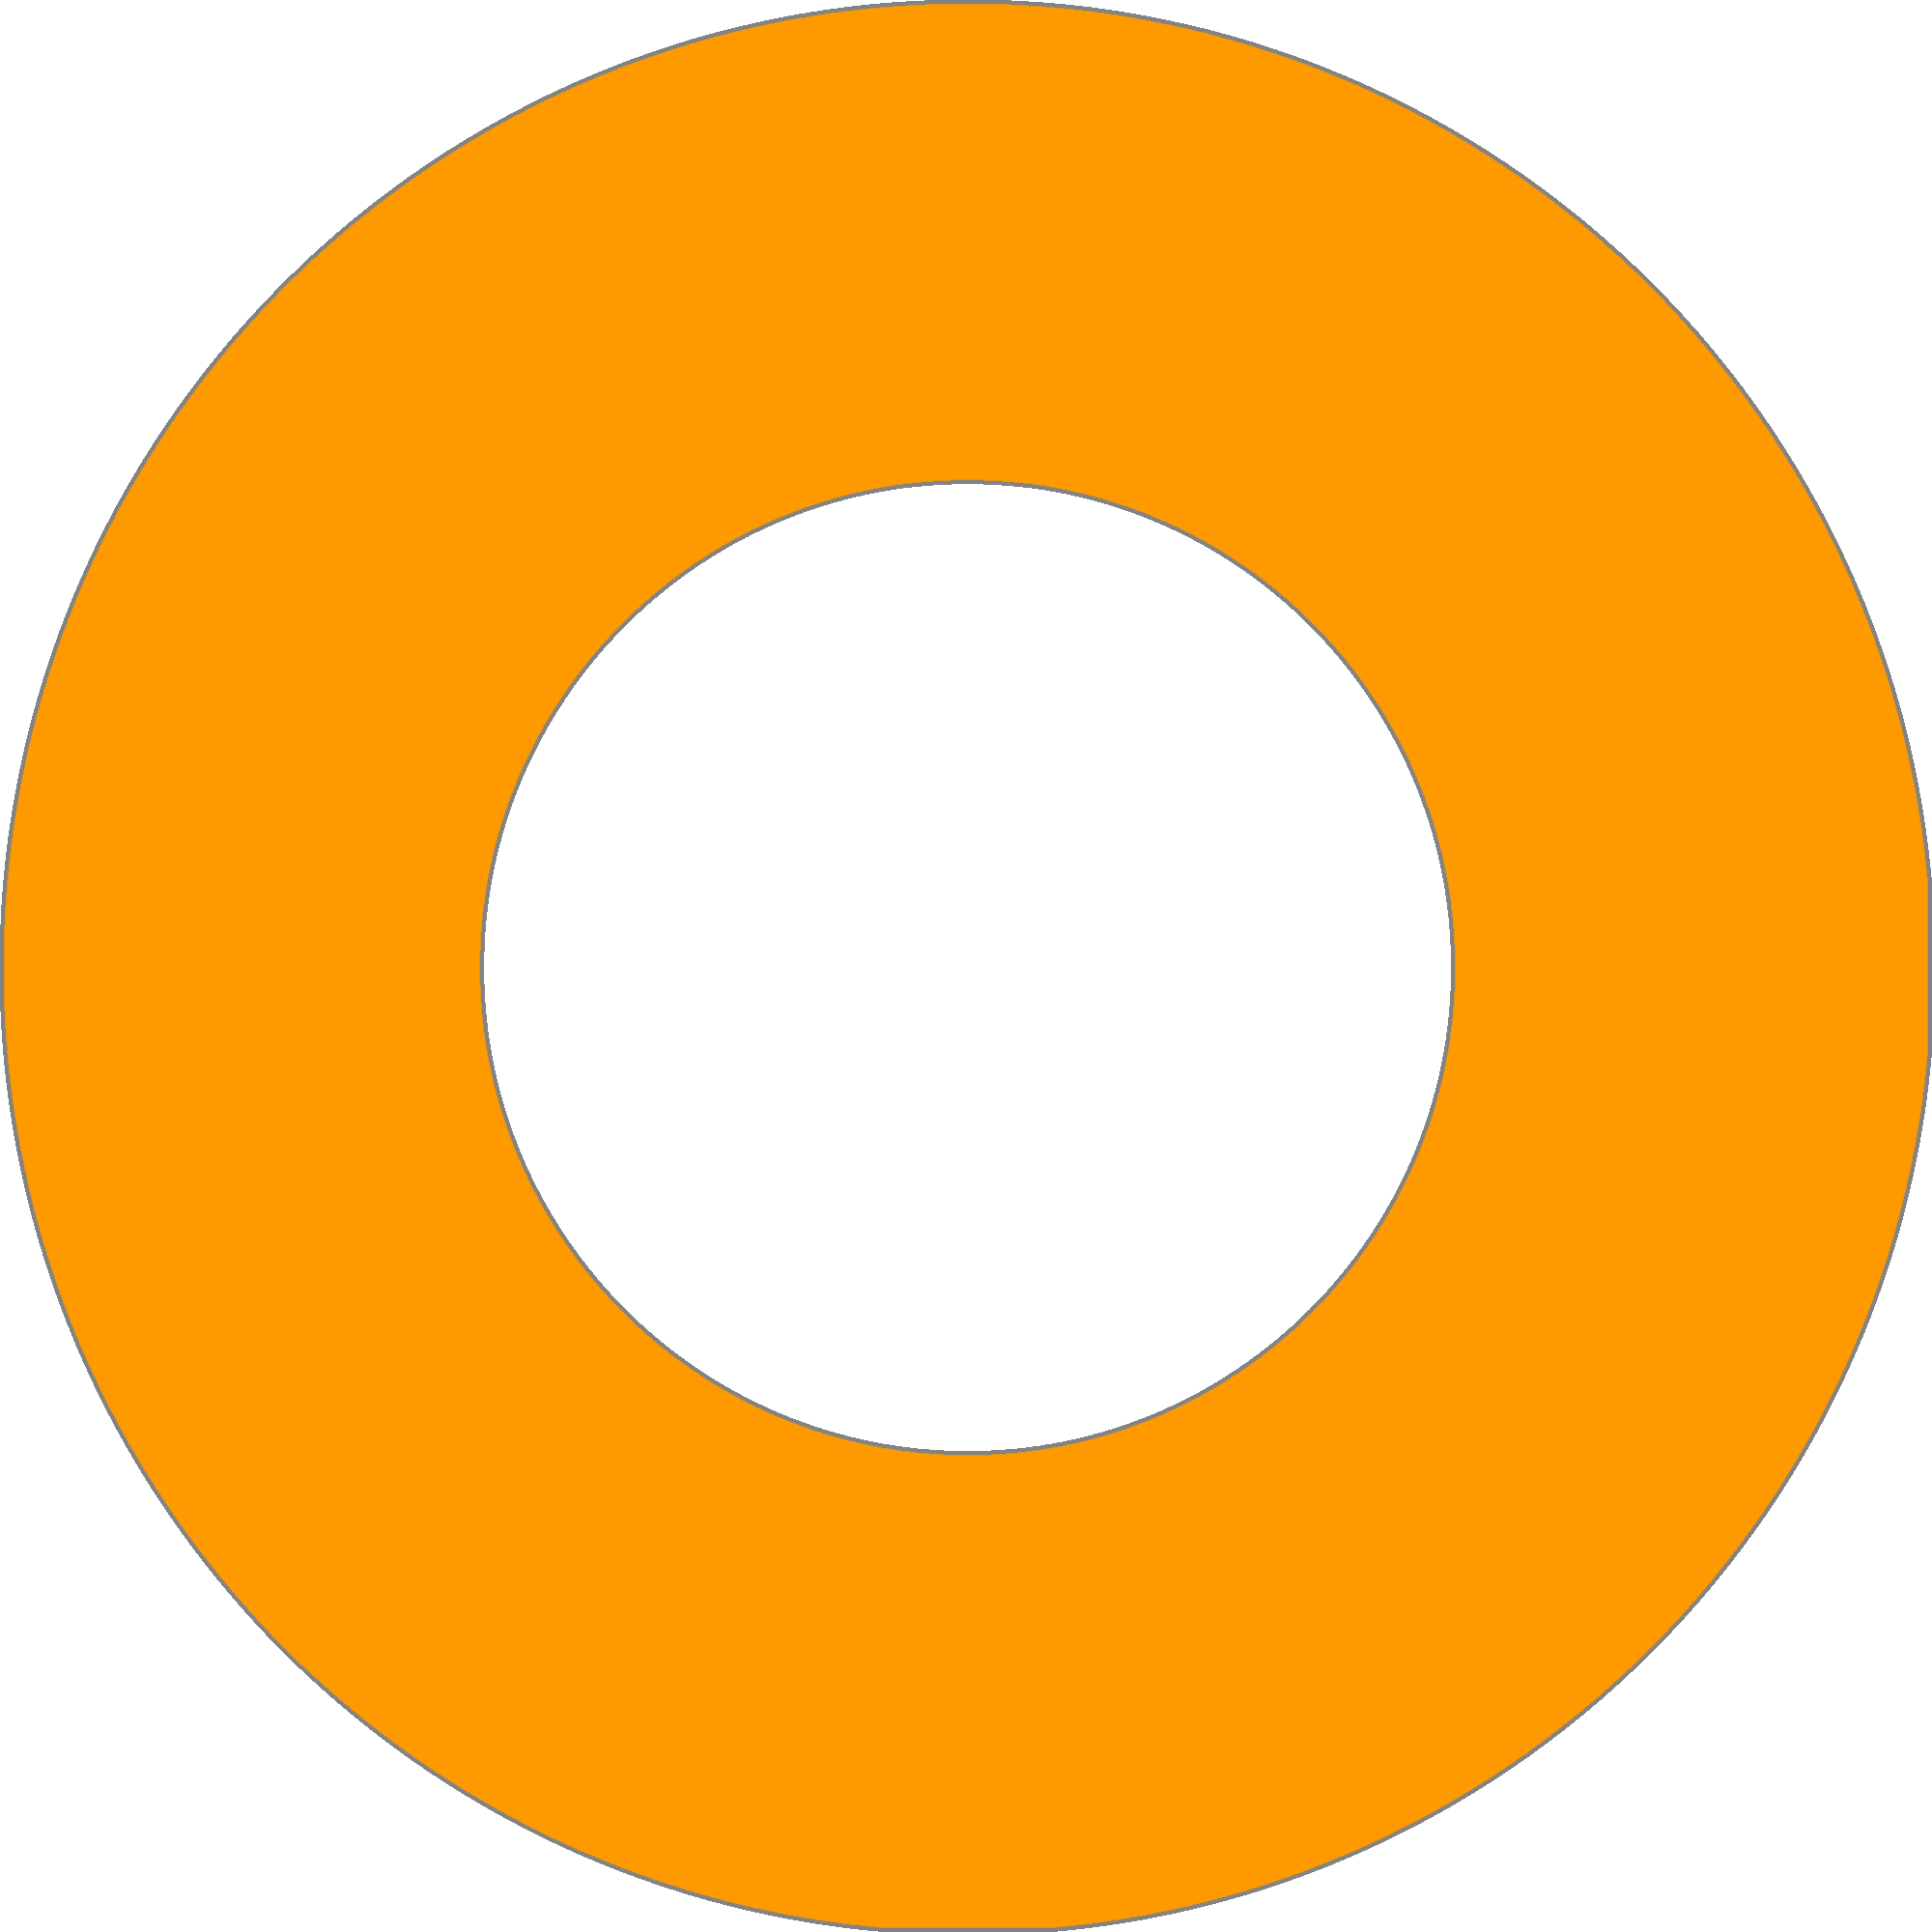 2000x2000 Fileorange Circle.png